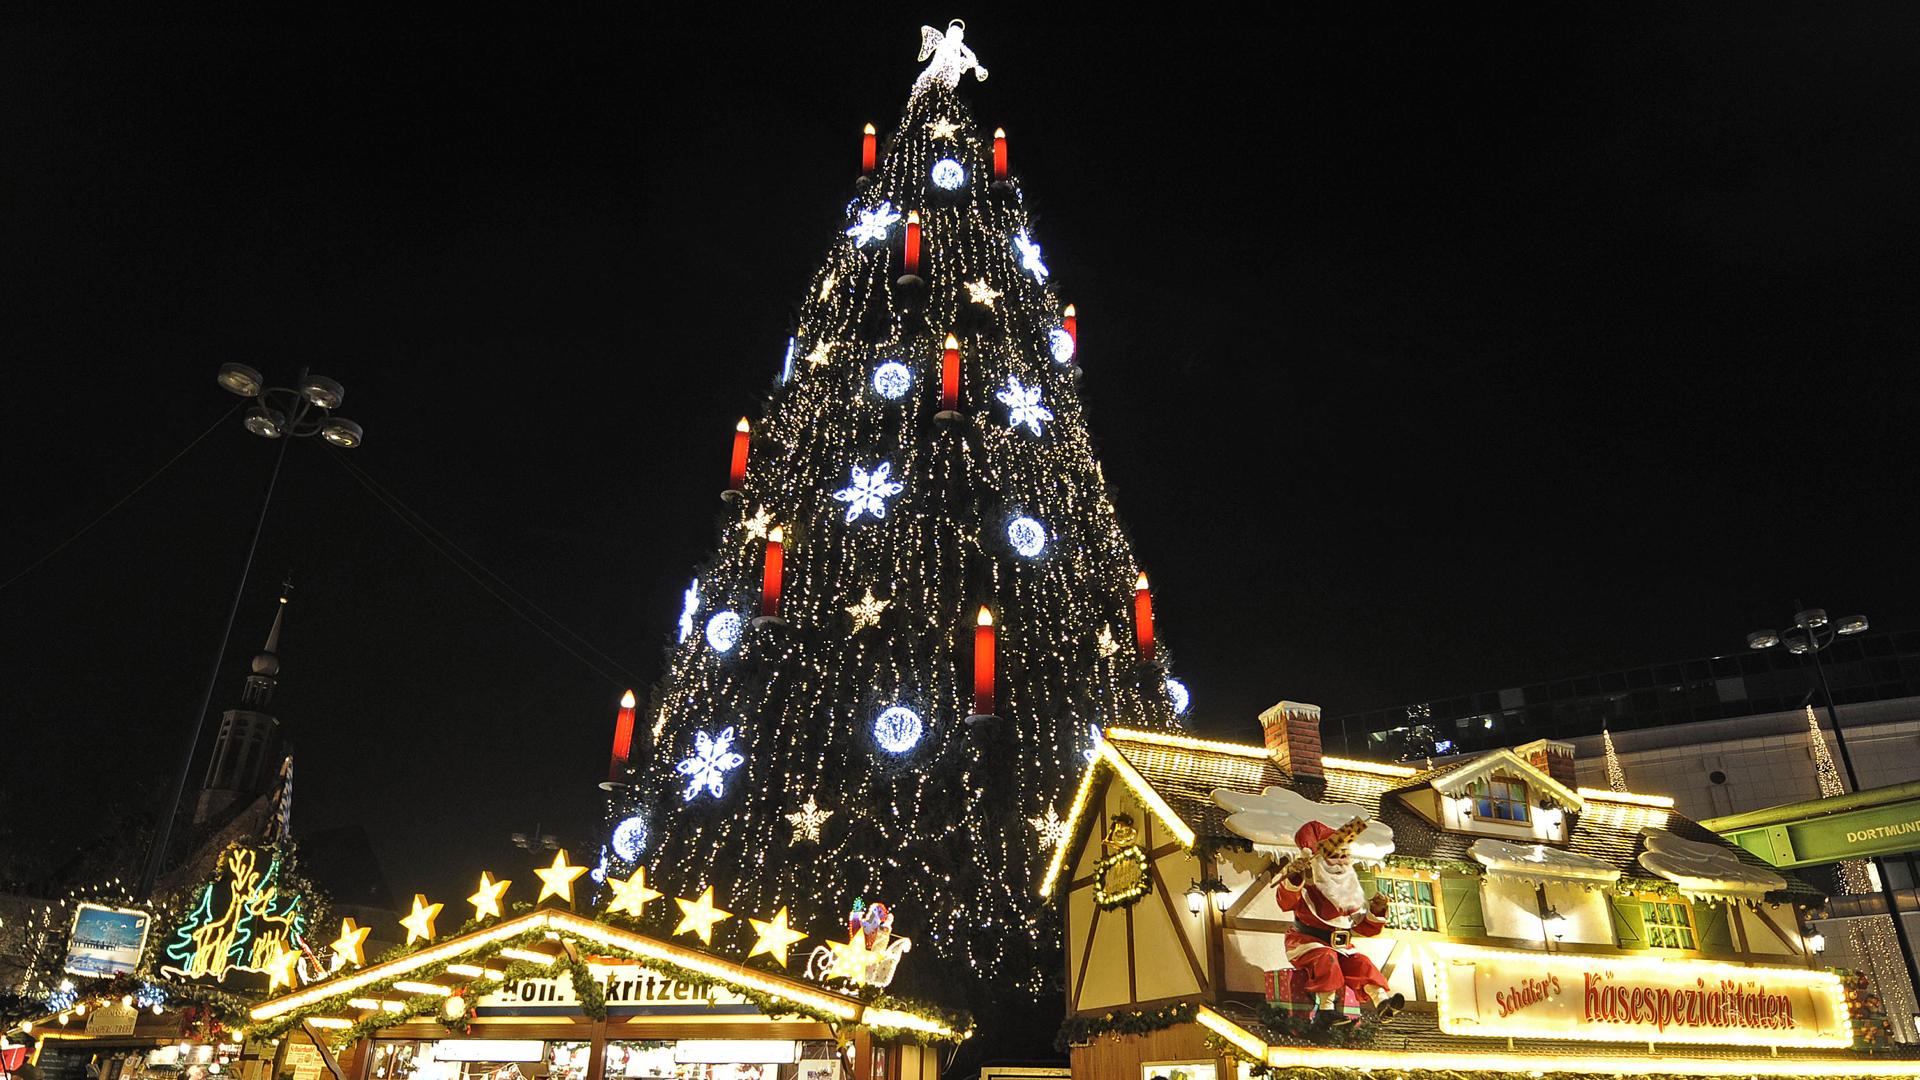 Encienden el rbol de navidad m s grande del mundo video - Los mejores arboles de navidad ...